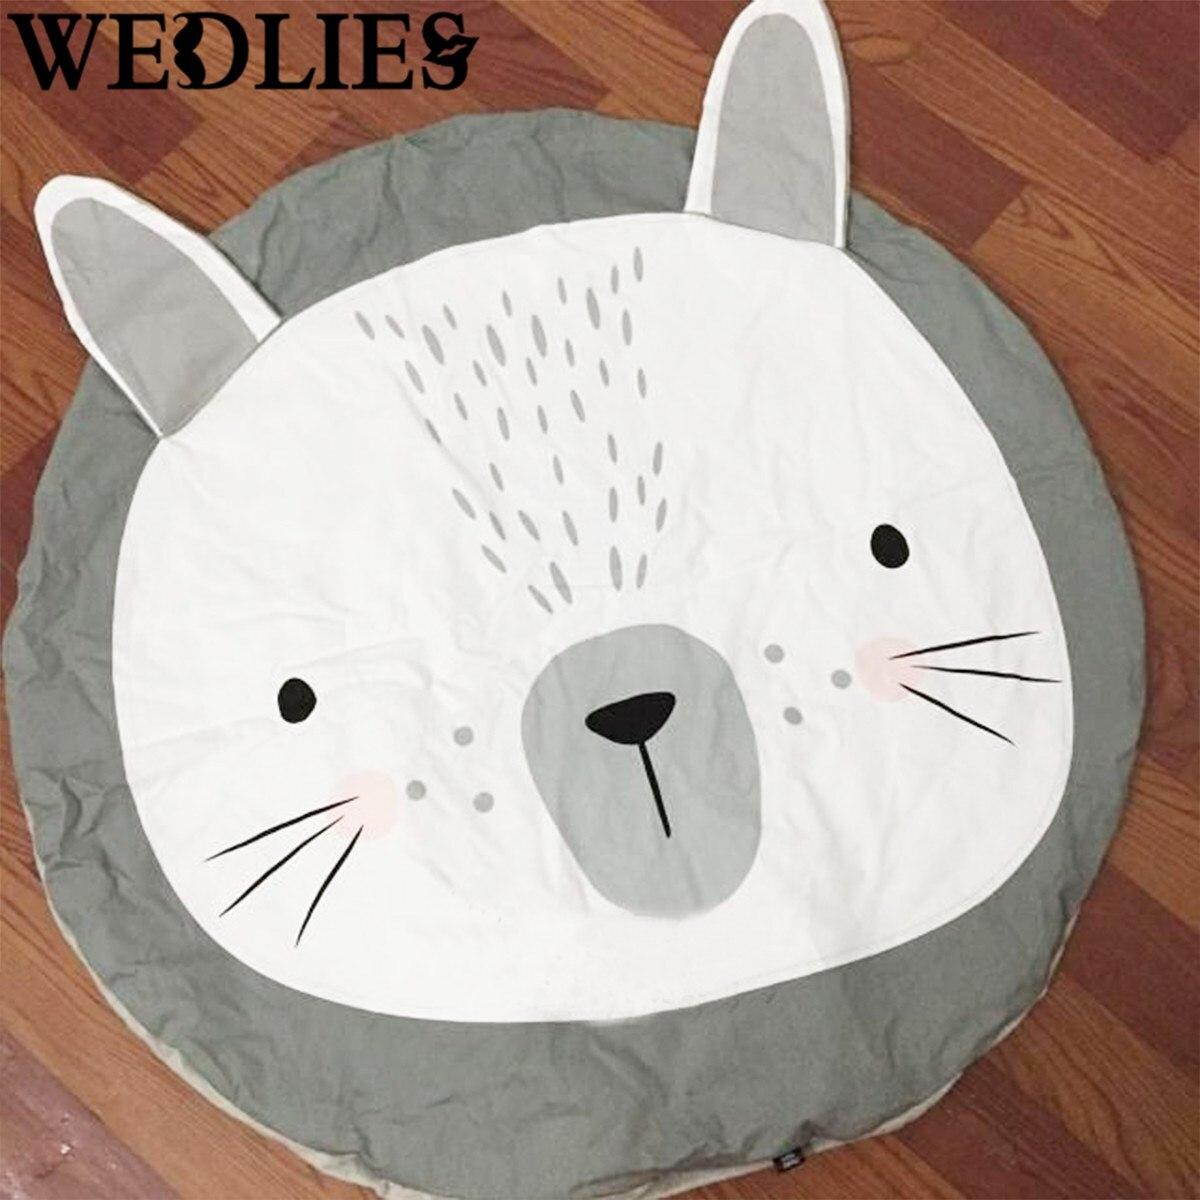 conejo encantador de la historieta redonda manta crawling carpet piso esteras del juego del beb nios habitacin decoracin jue